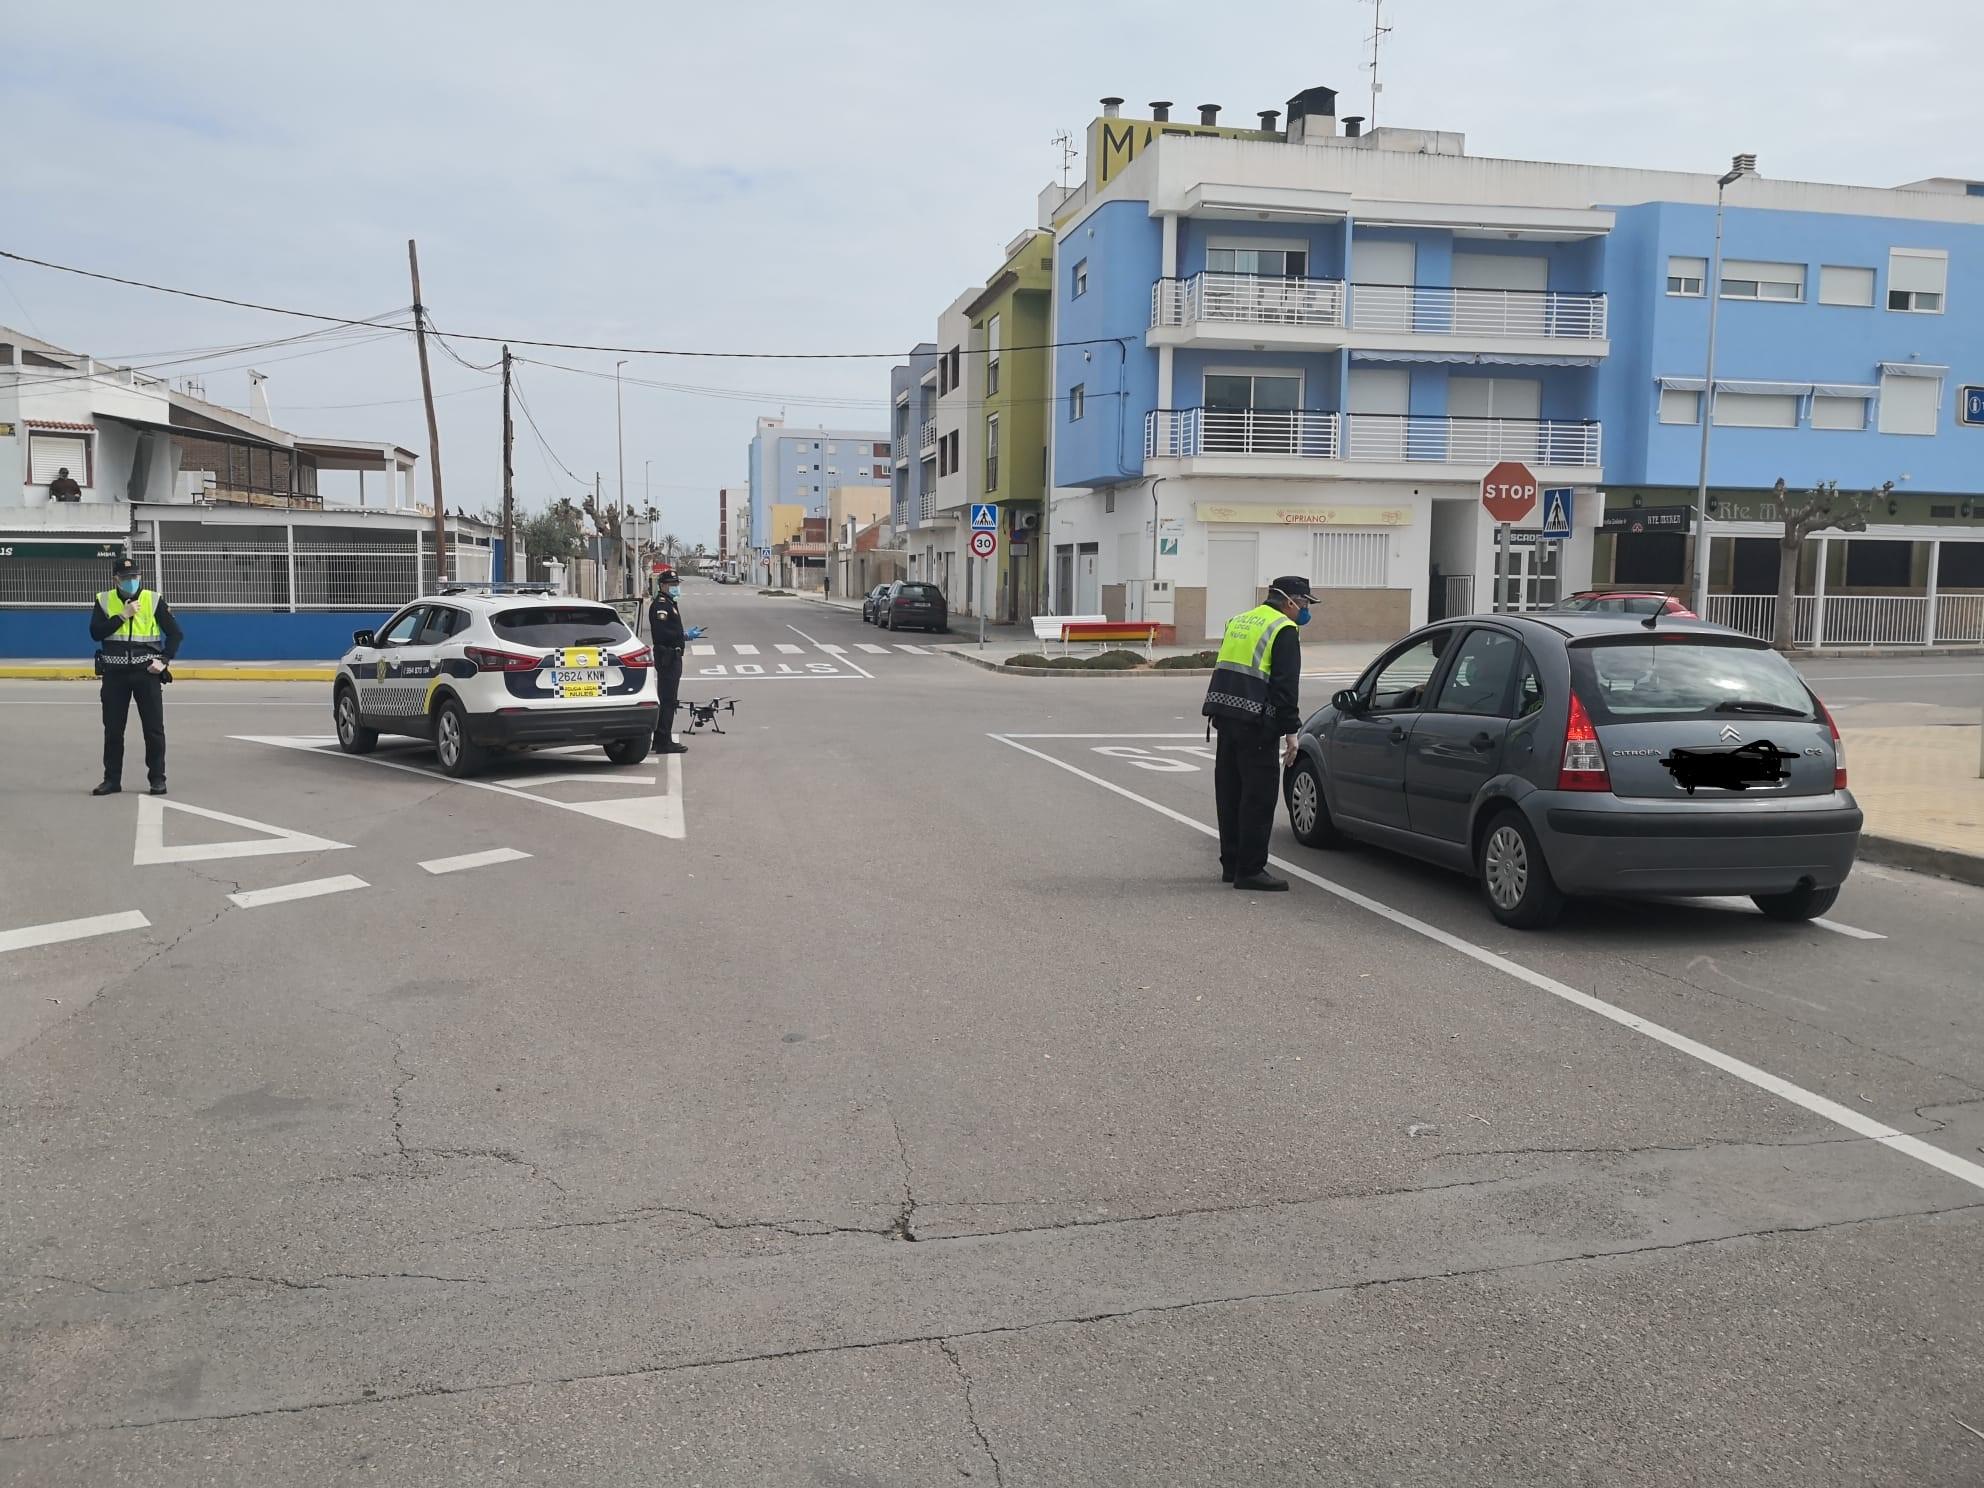 181 conductores pasan a disposición judicial durante el pasado mes de agosto por delitos contra la seguridad vial